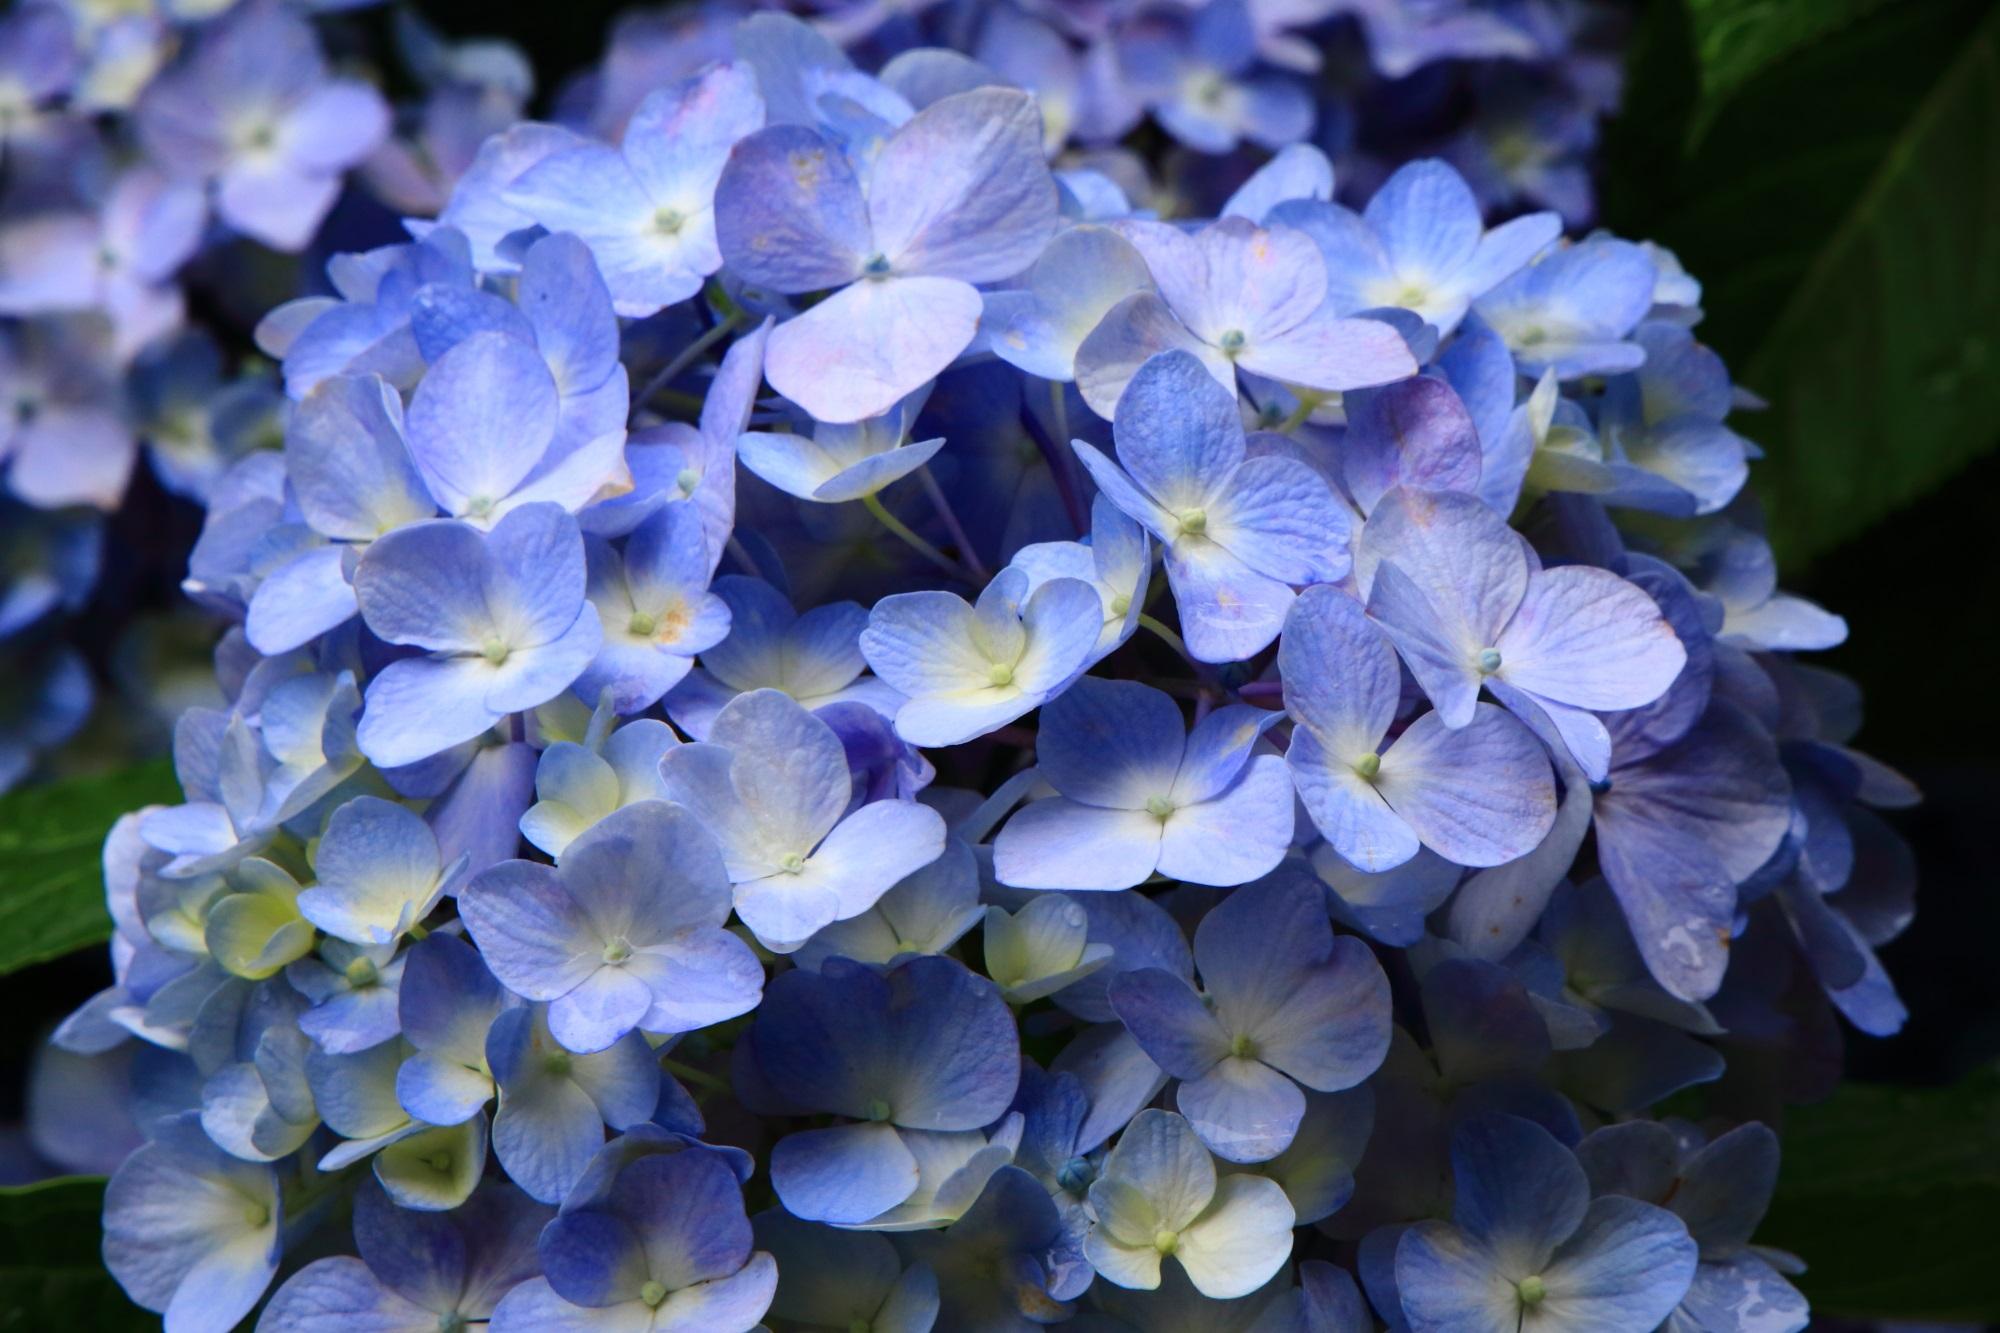 花の状態も良く花びらも美しい色んな種類の紫陽花